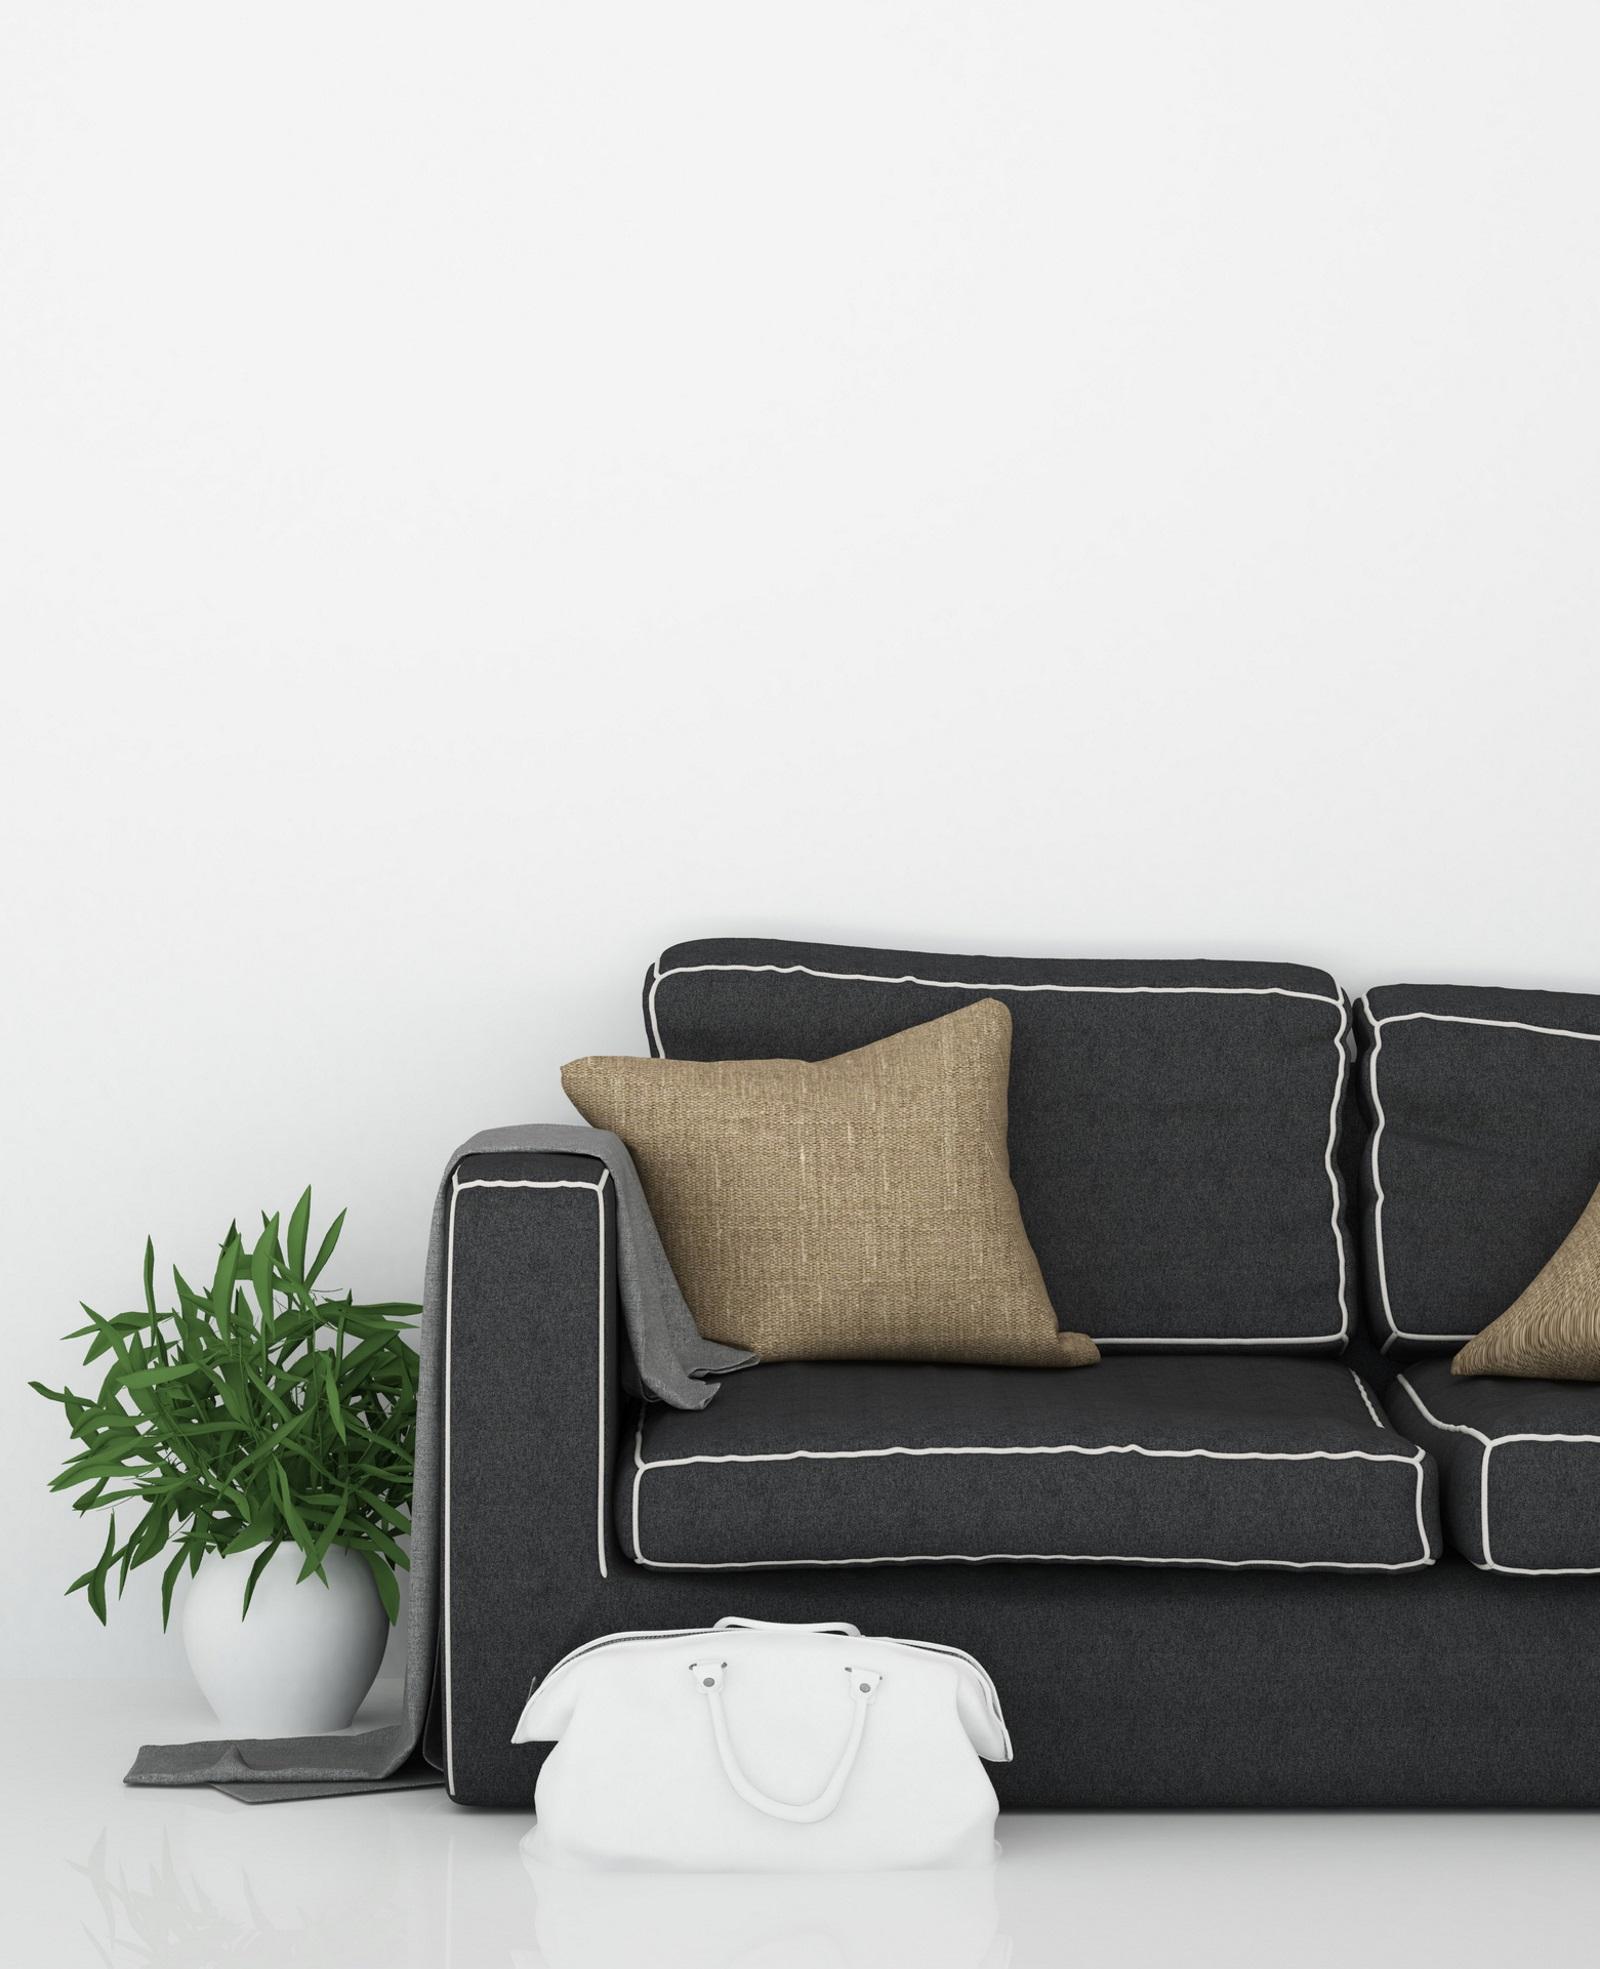 Кресло до стената: Според интериорните дизайнери това е най-лошата подредба на мебели особено ако имаме достатъчно пространство.